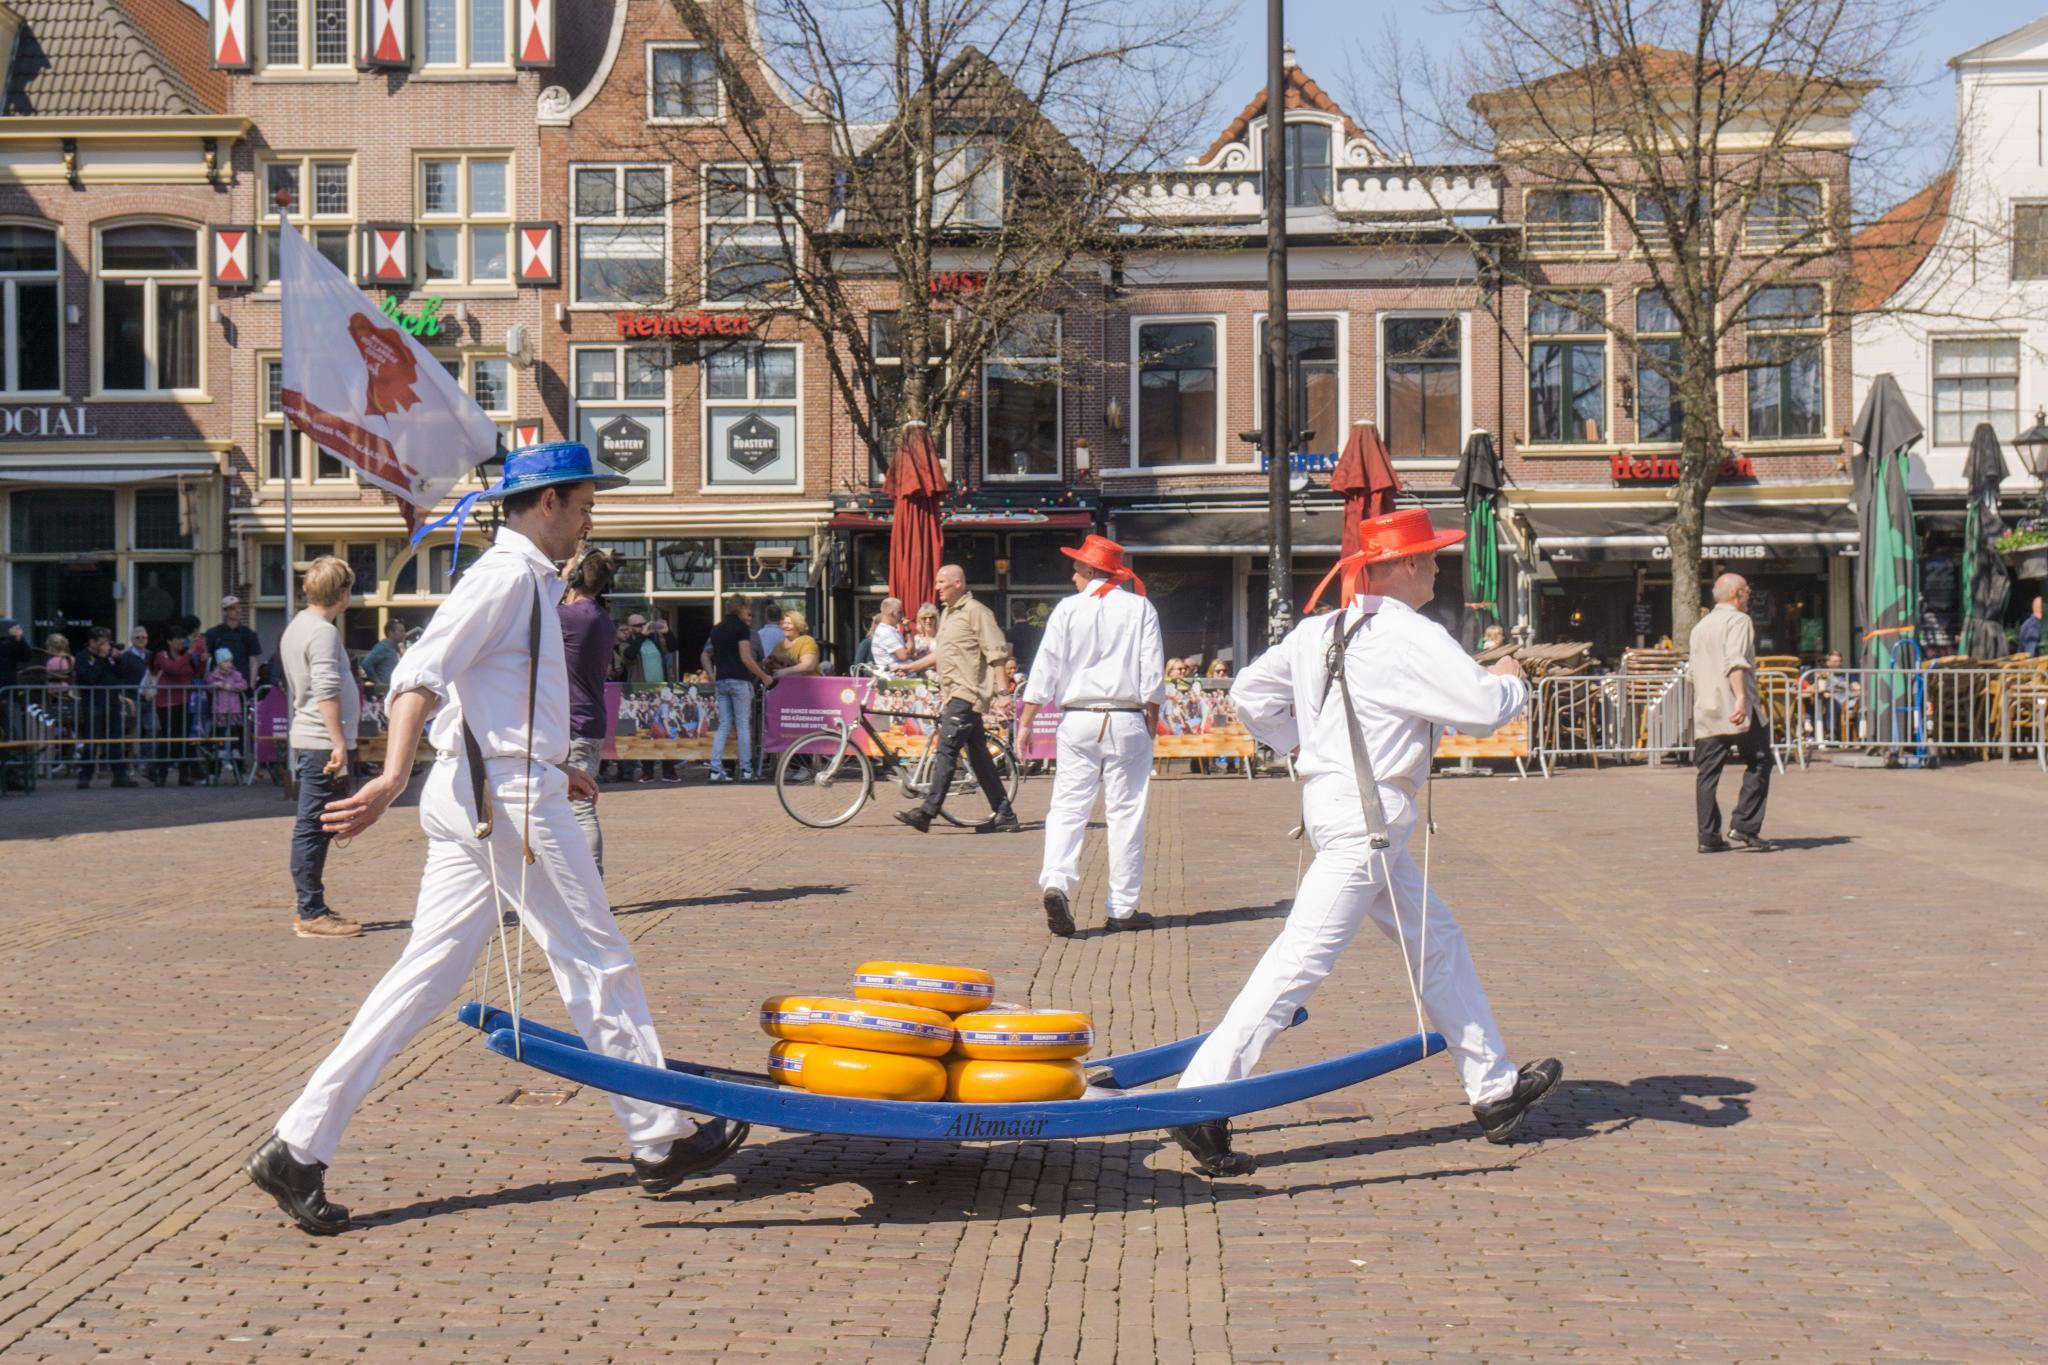 【荷蘭印象】體驗道地的荷式風情 — Alkmaar 起司市集 散步路線整理 1